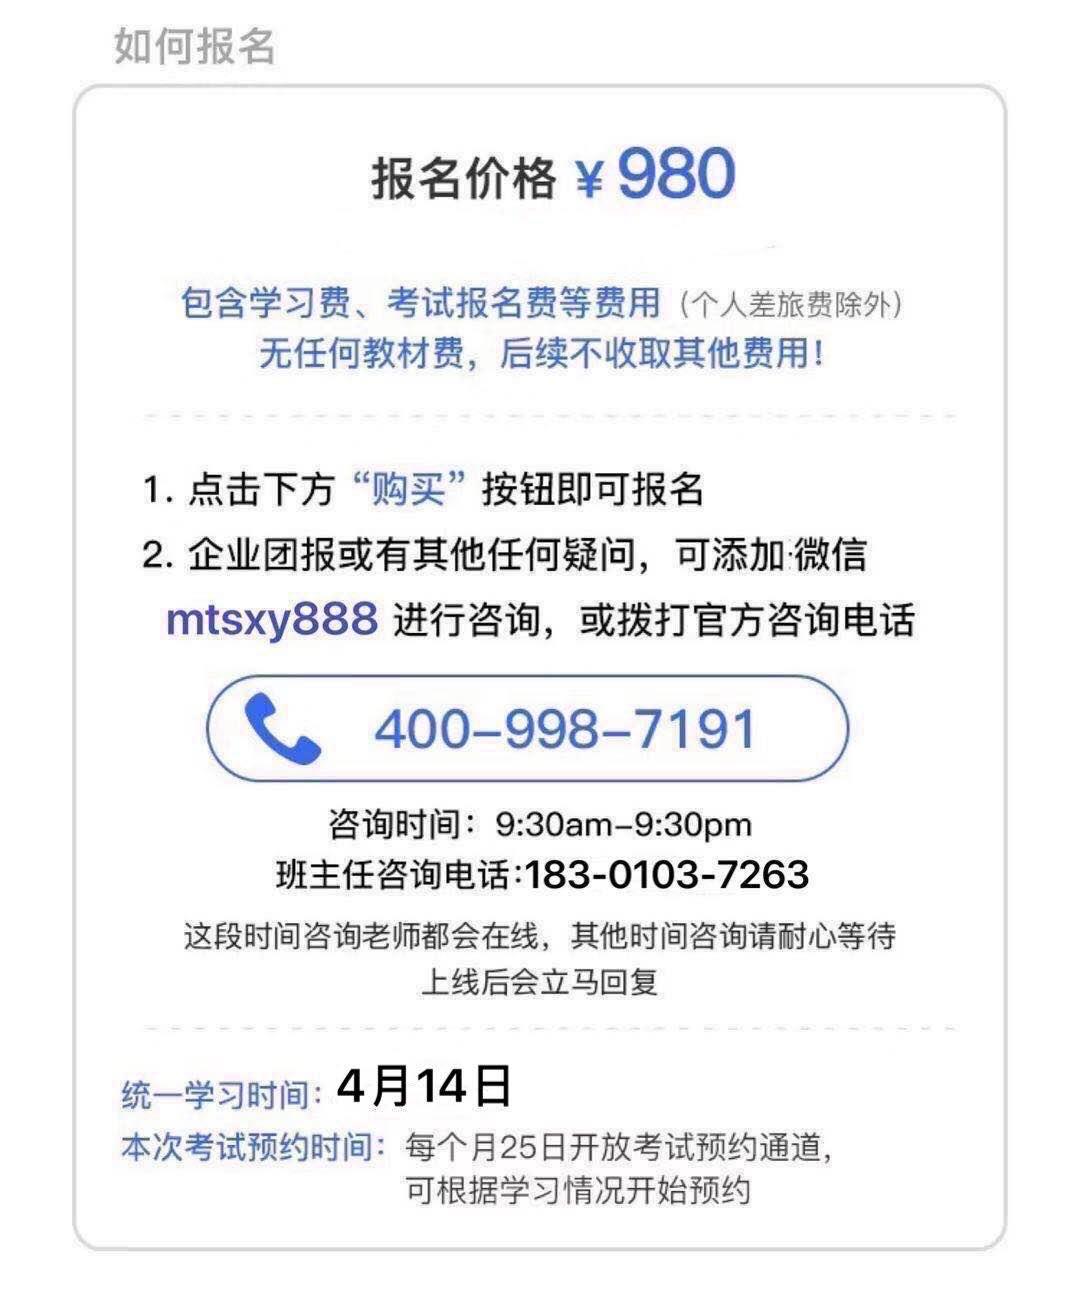 http://mtedu-img.oss-cn-beijing-internal.aliyuncs.com/ueditor/20200326200402_320907.jpeg